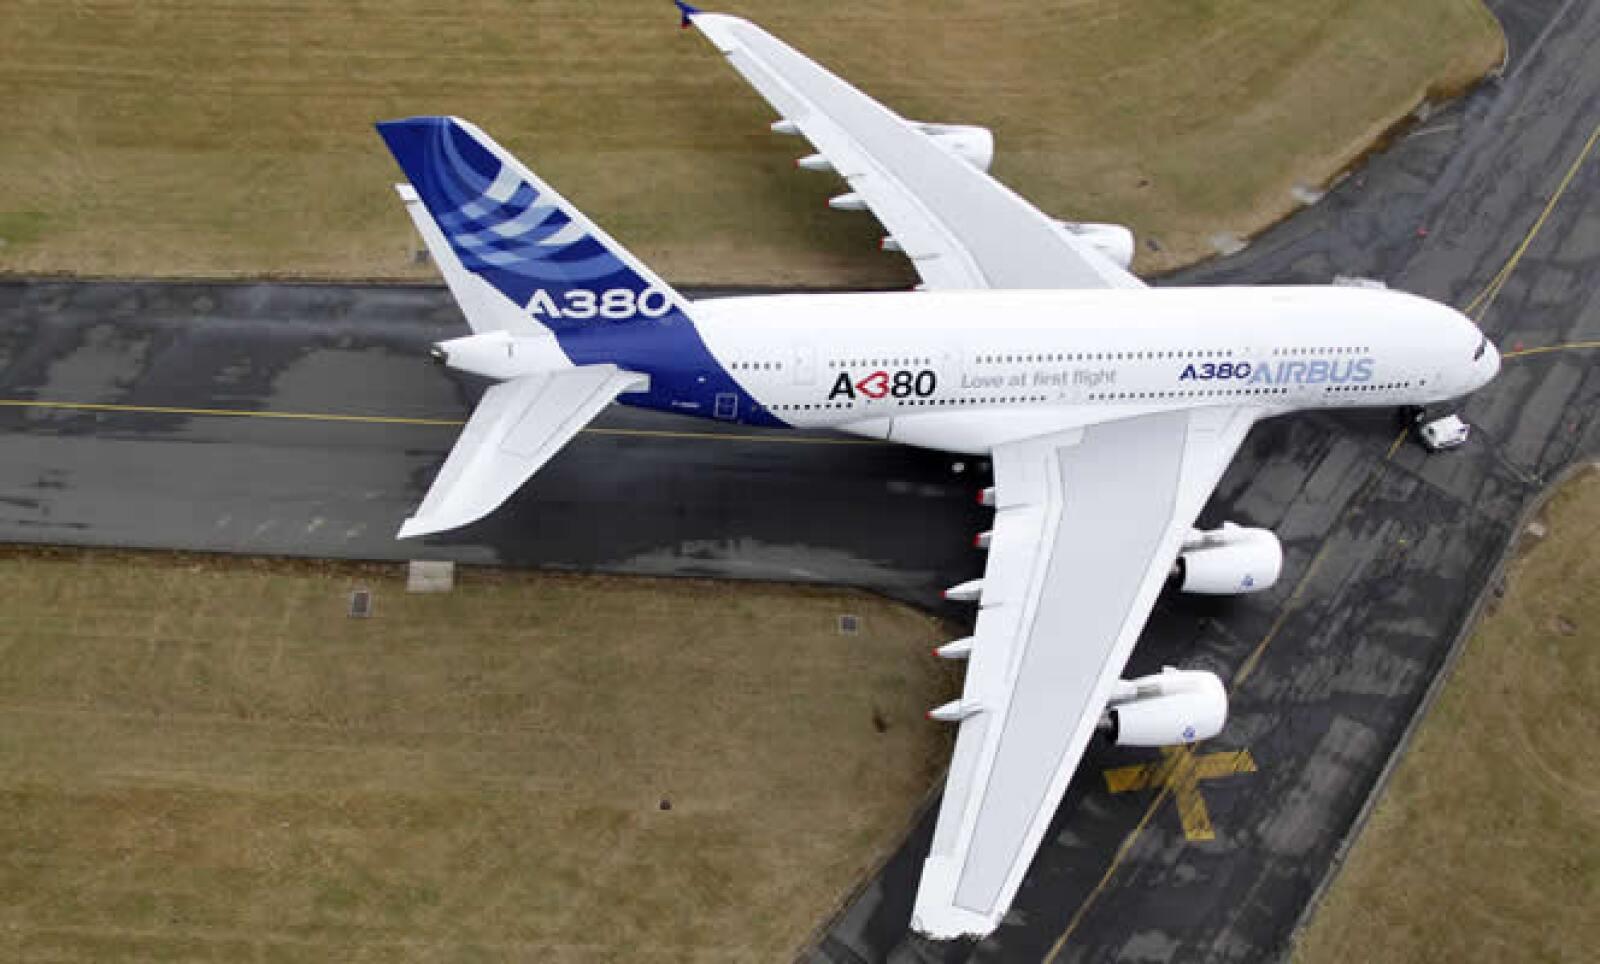 El alerón derecho de un A380 de prueba, una gigantesca nave con una envergadura de casi 80 metros, se raspó con un edificio en el aeropuerto Le Bourget este domingo y fue retirado de las exhibiciones de vuelo.